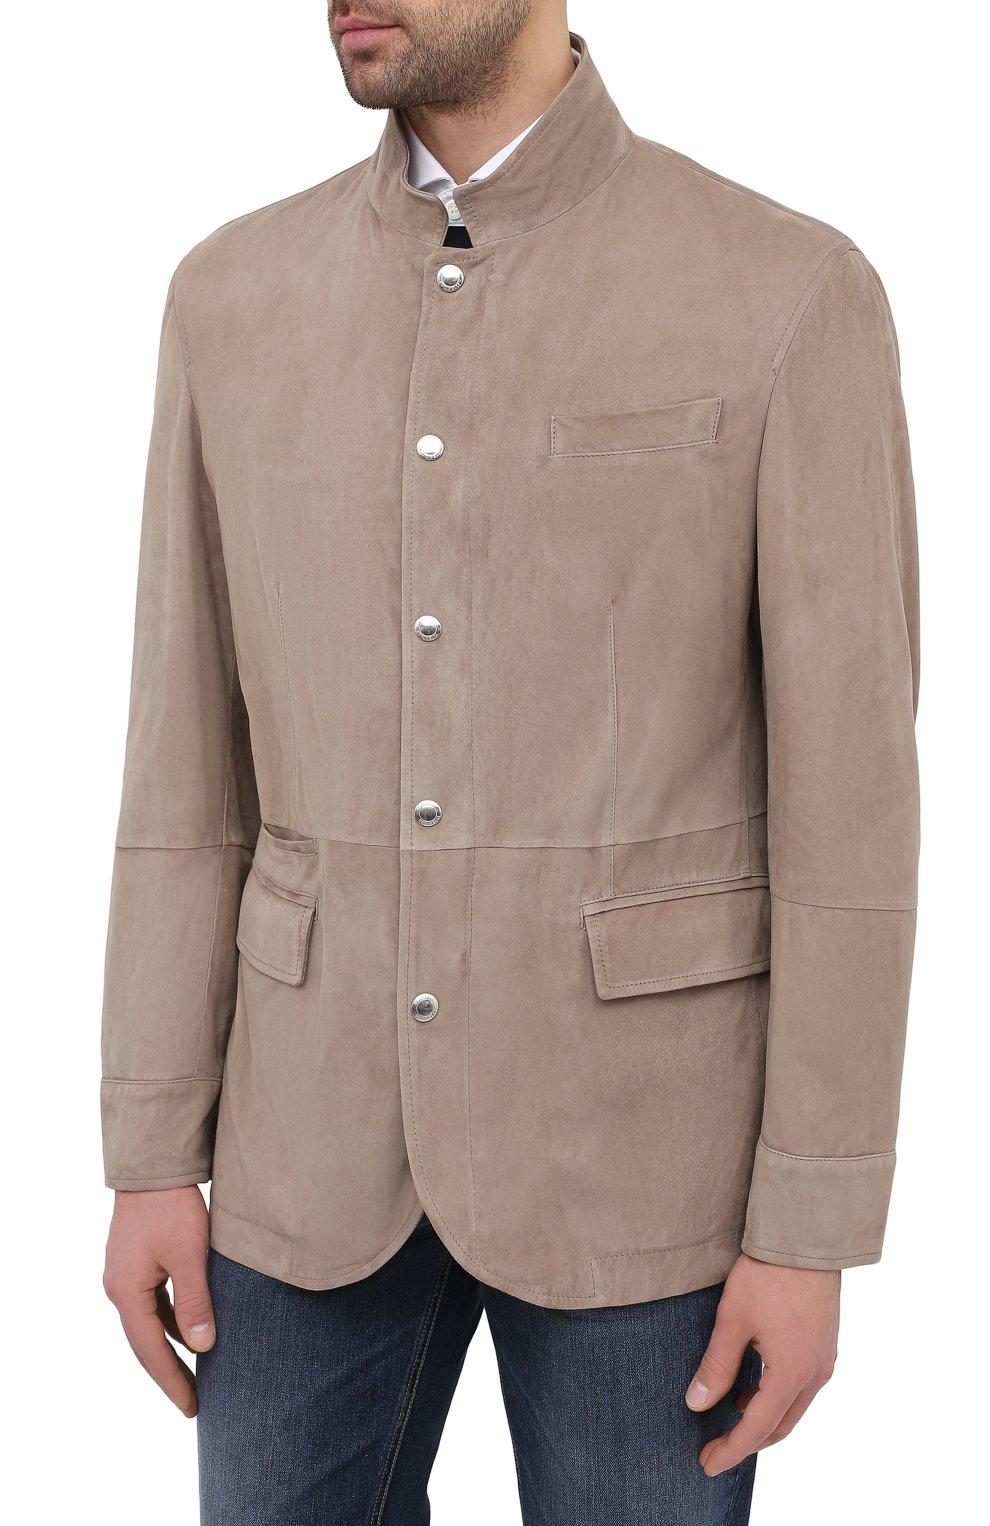 Мужская замшевая куртка BRUNELLO CUCINELLI бежевого цвета, арт. MPCLN1636 | Фото 3 (Кросс-КТ: Куртка; Материал внешний: Замша, Кожа; Рукава: Длинные; Длина (верхняя одежда): До середины бедра; Мужское Кросс-КТ: Кожа и замша; Материал подклада: Купро; Стили: Кэжуэл)